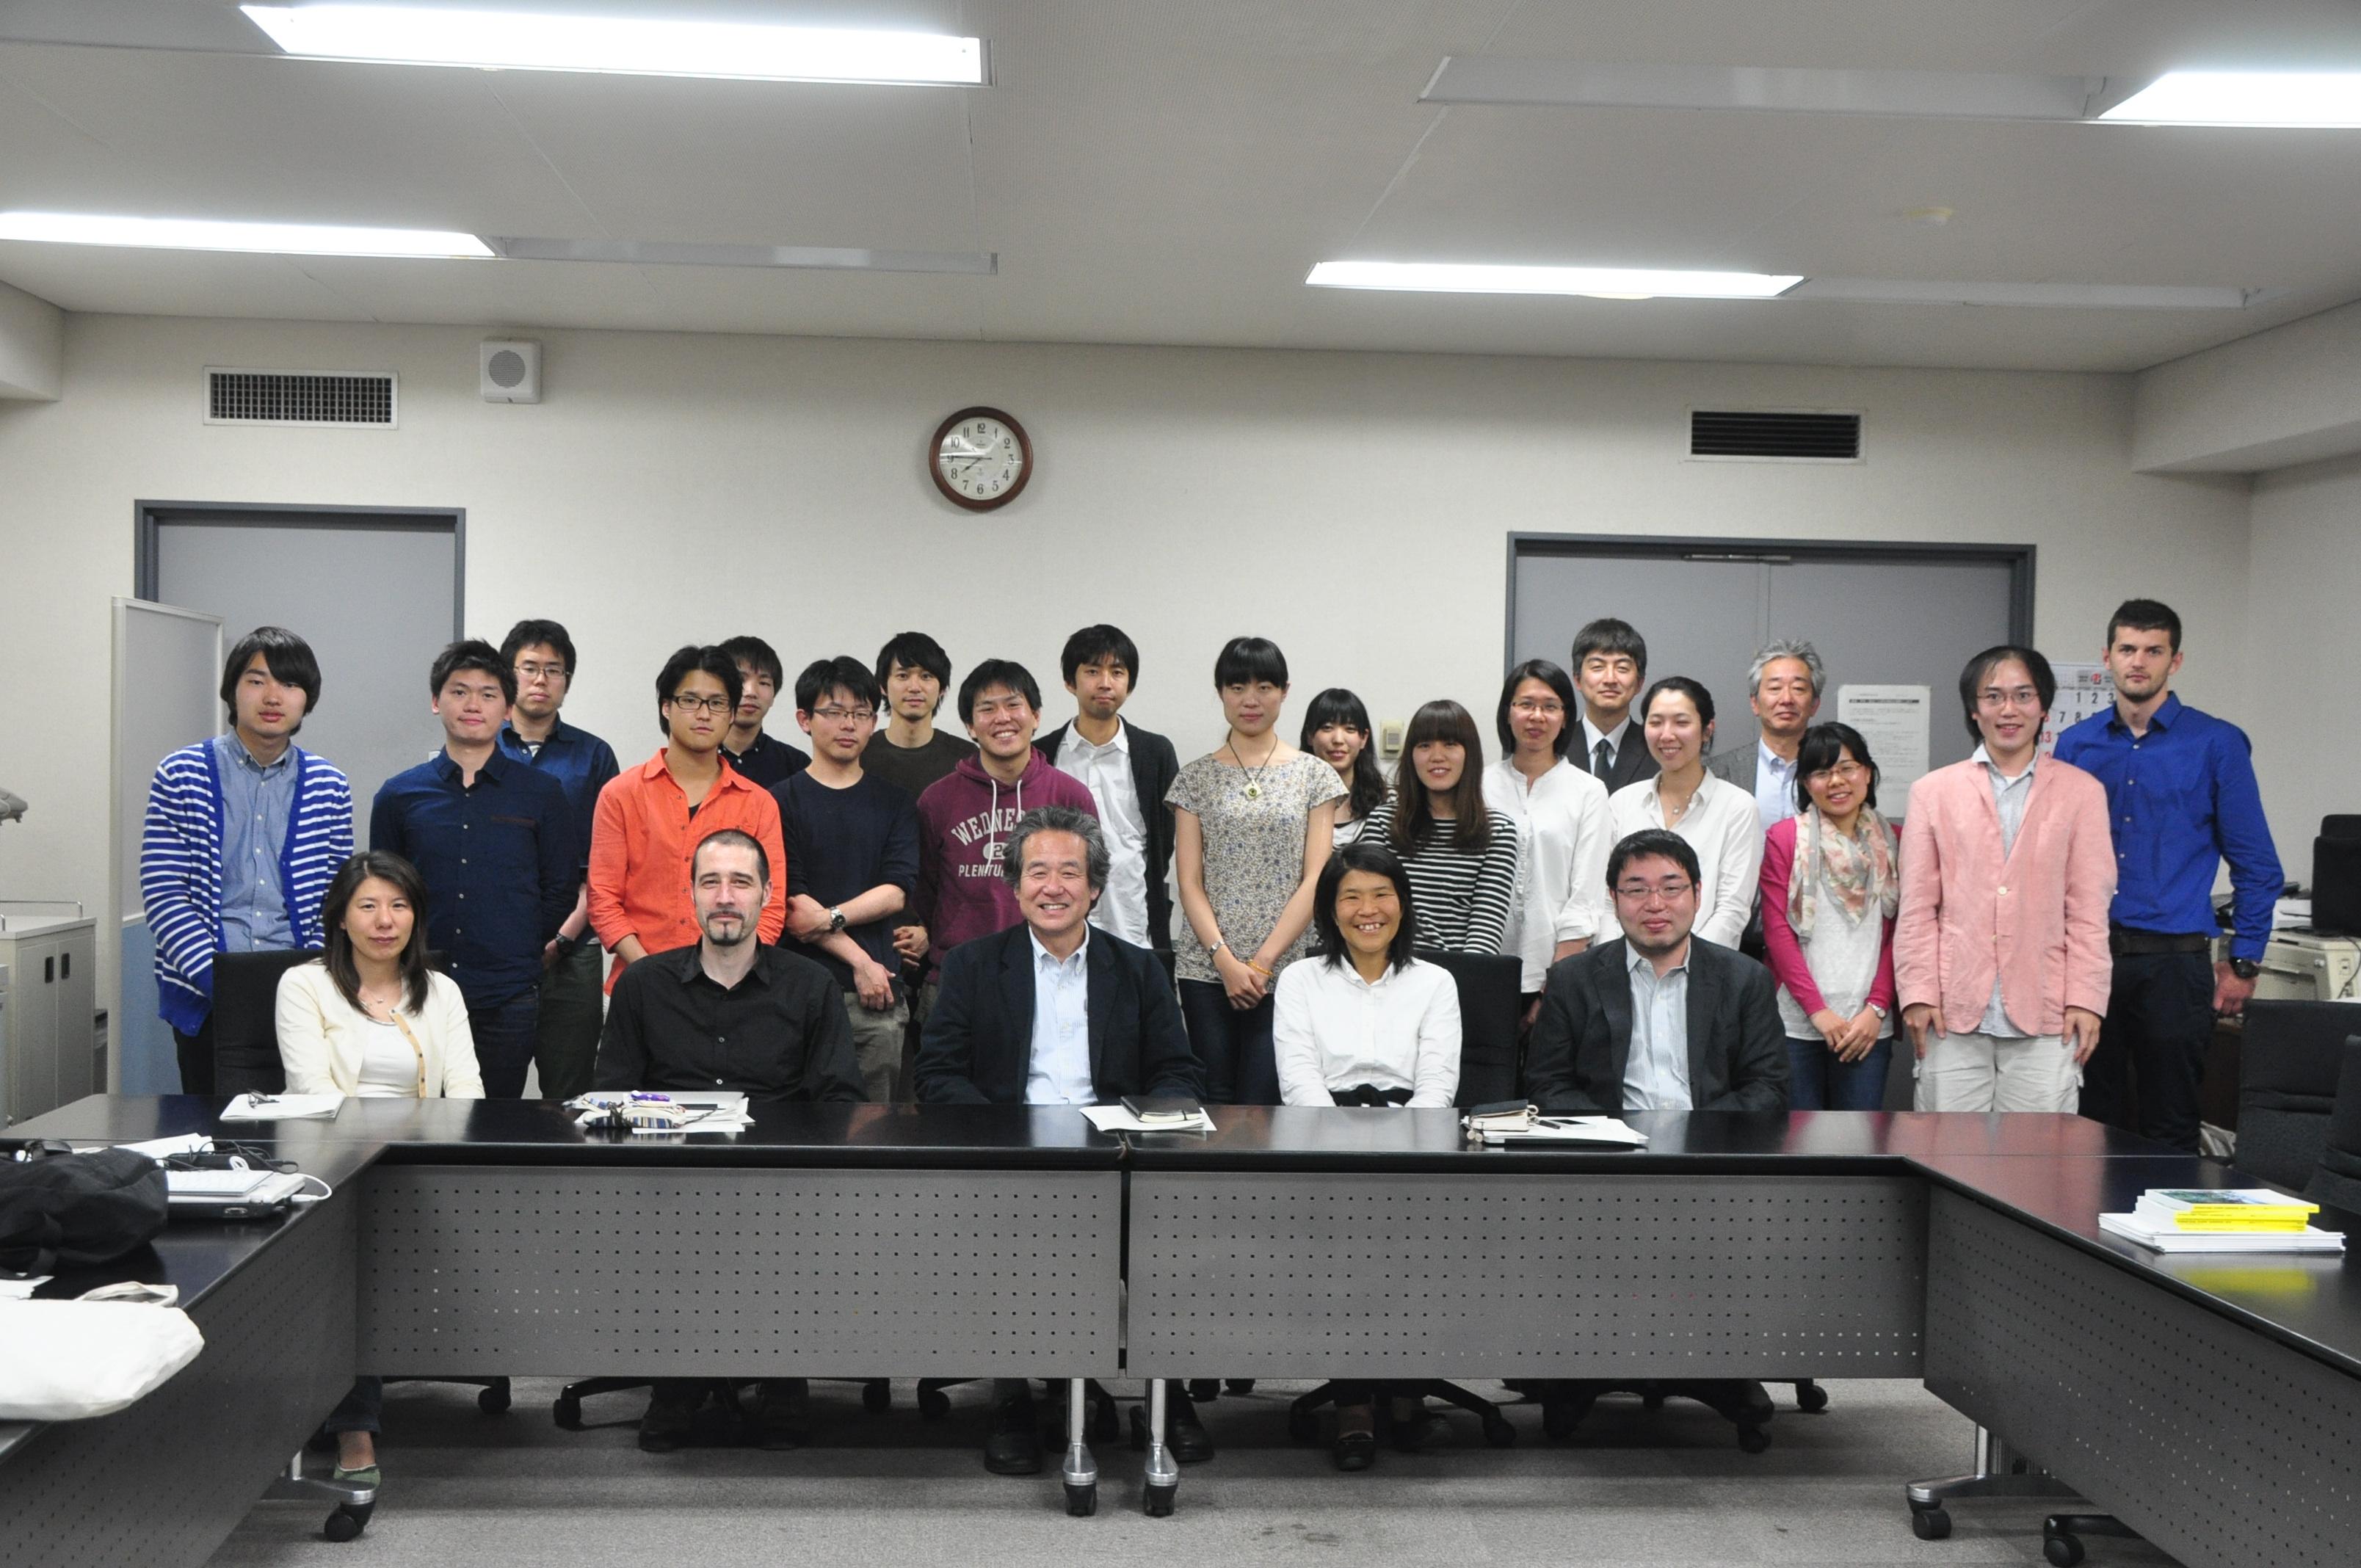 http://ud.t.u-tokyo.ac.jp/blog/_images/%E9%9B%86%E5%90%88%E5%86%99%E7%9C%9F.JPG